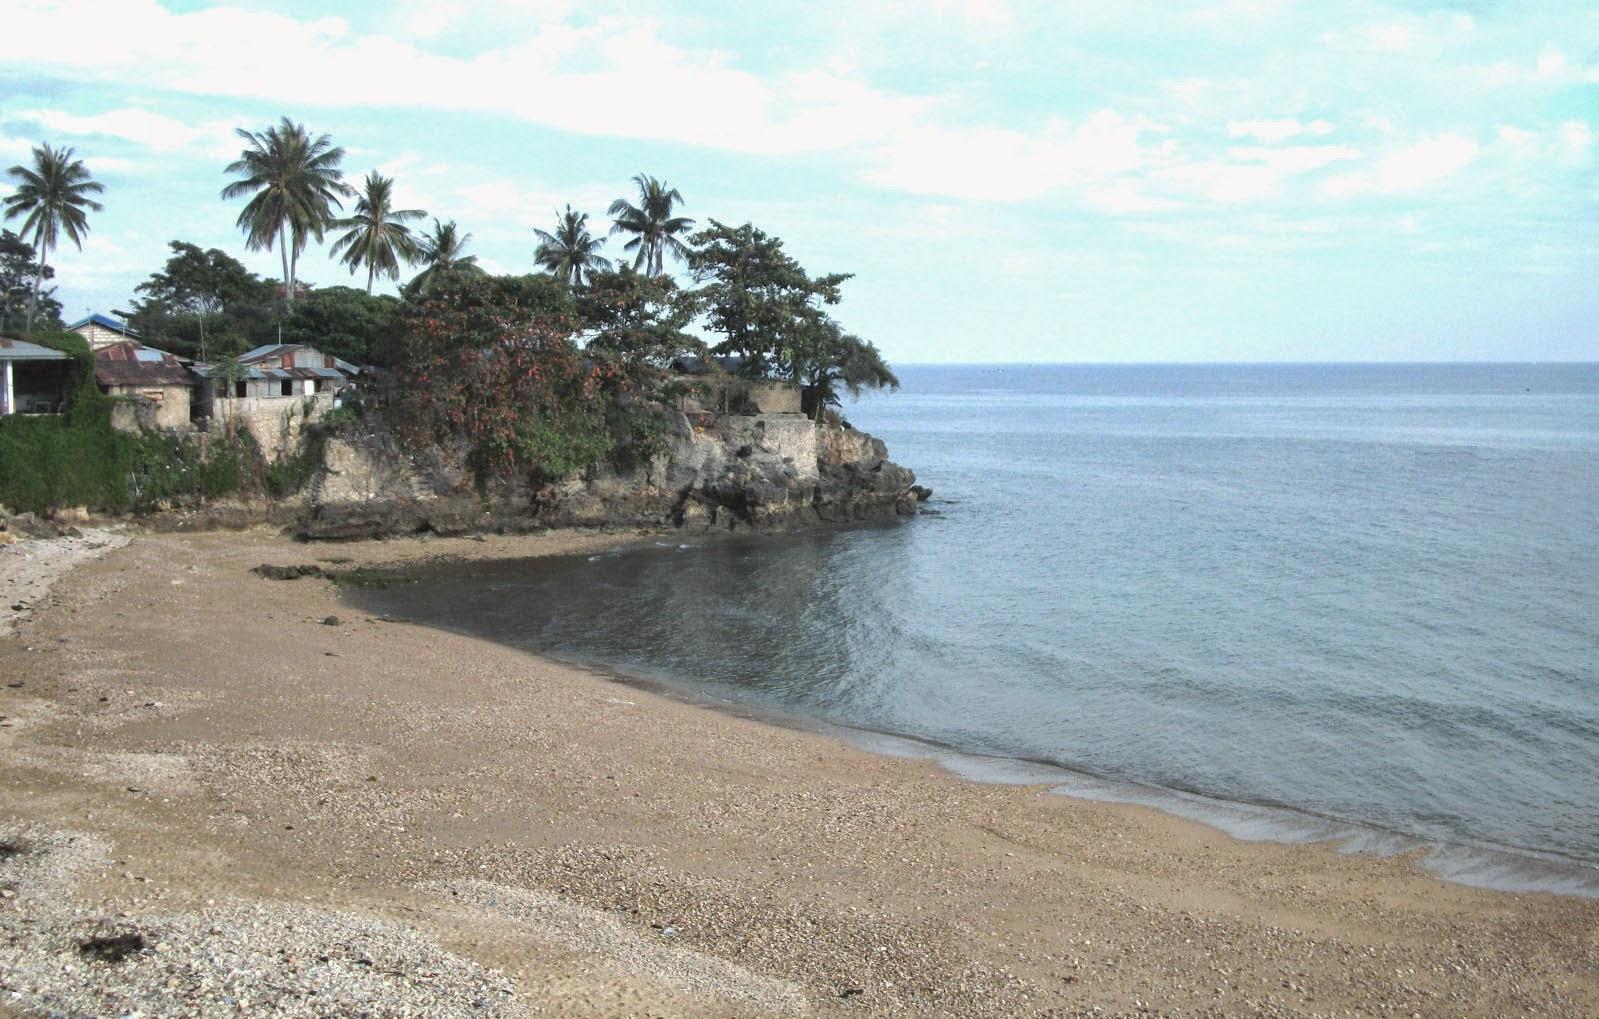 Tempat Wisata Ntt Nusa Tenggara Timur Explore Nuk Pantai Timor